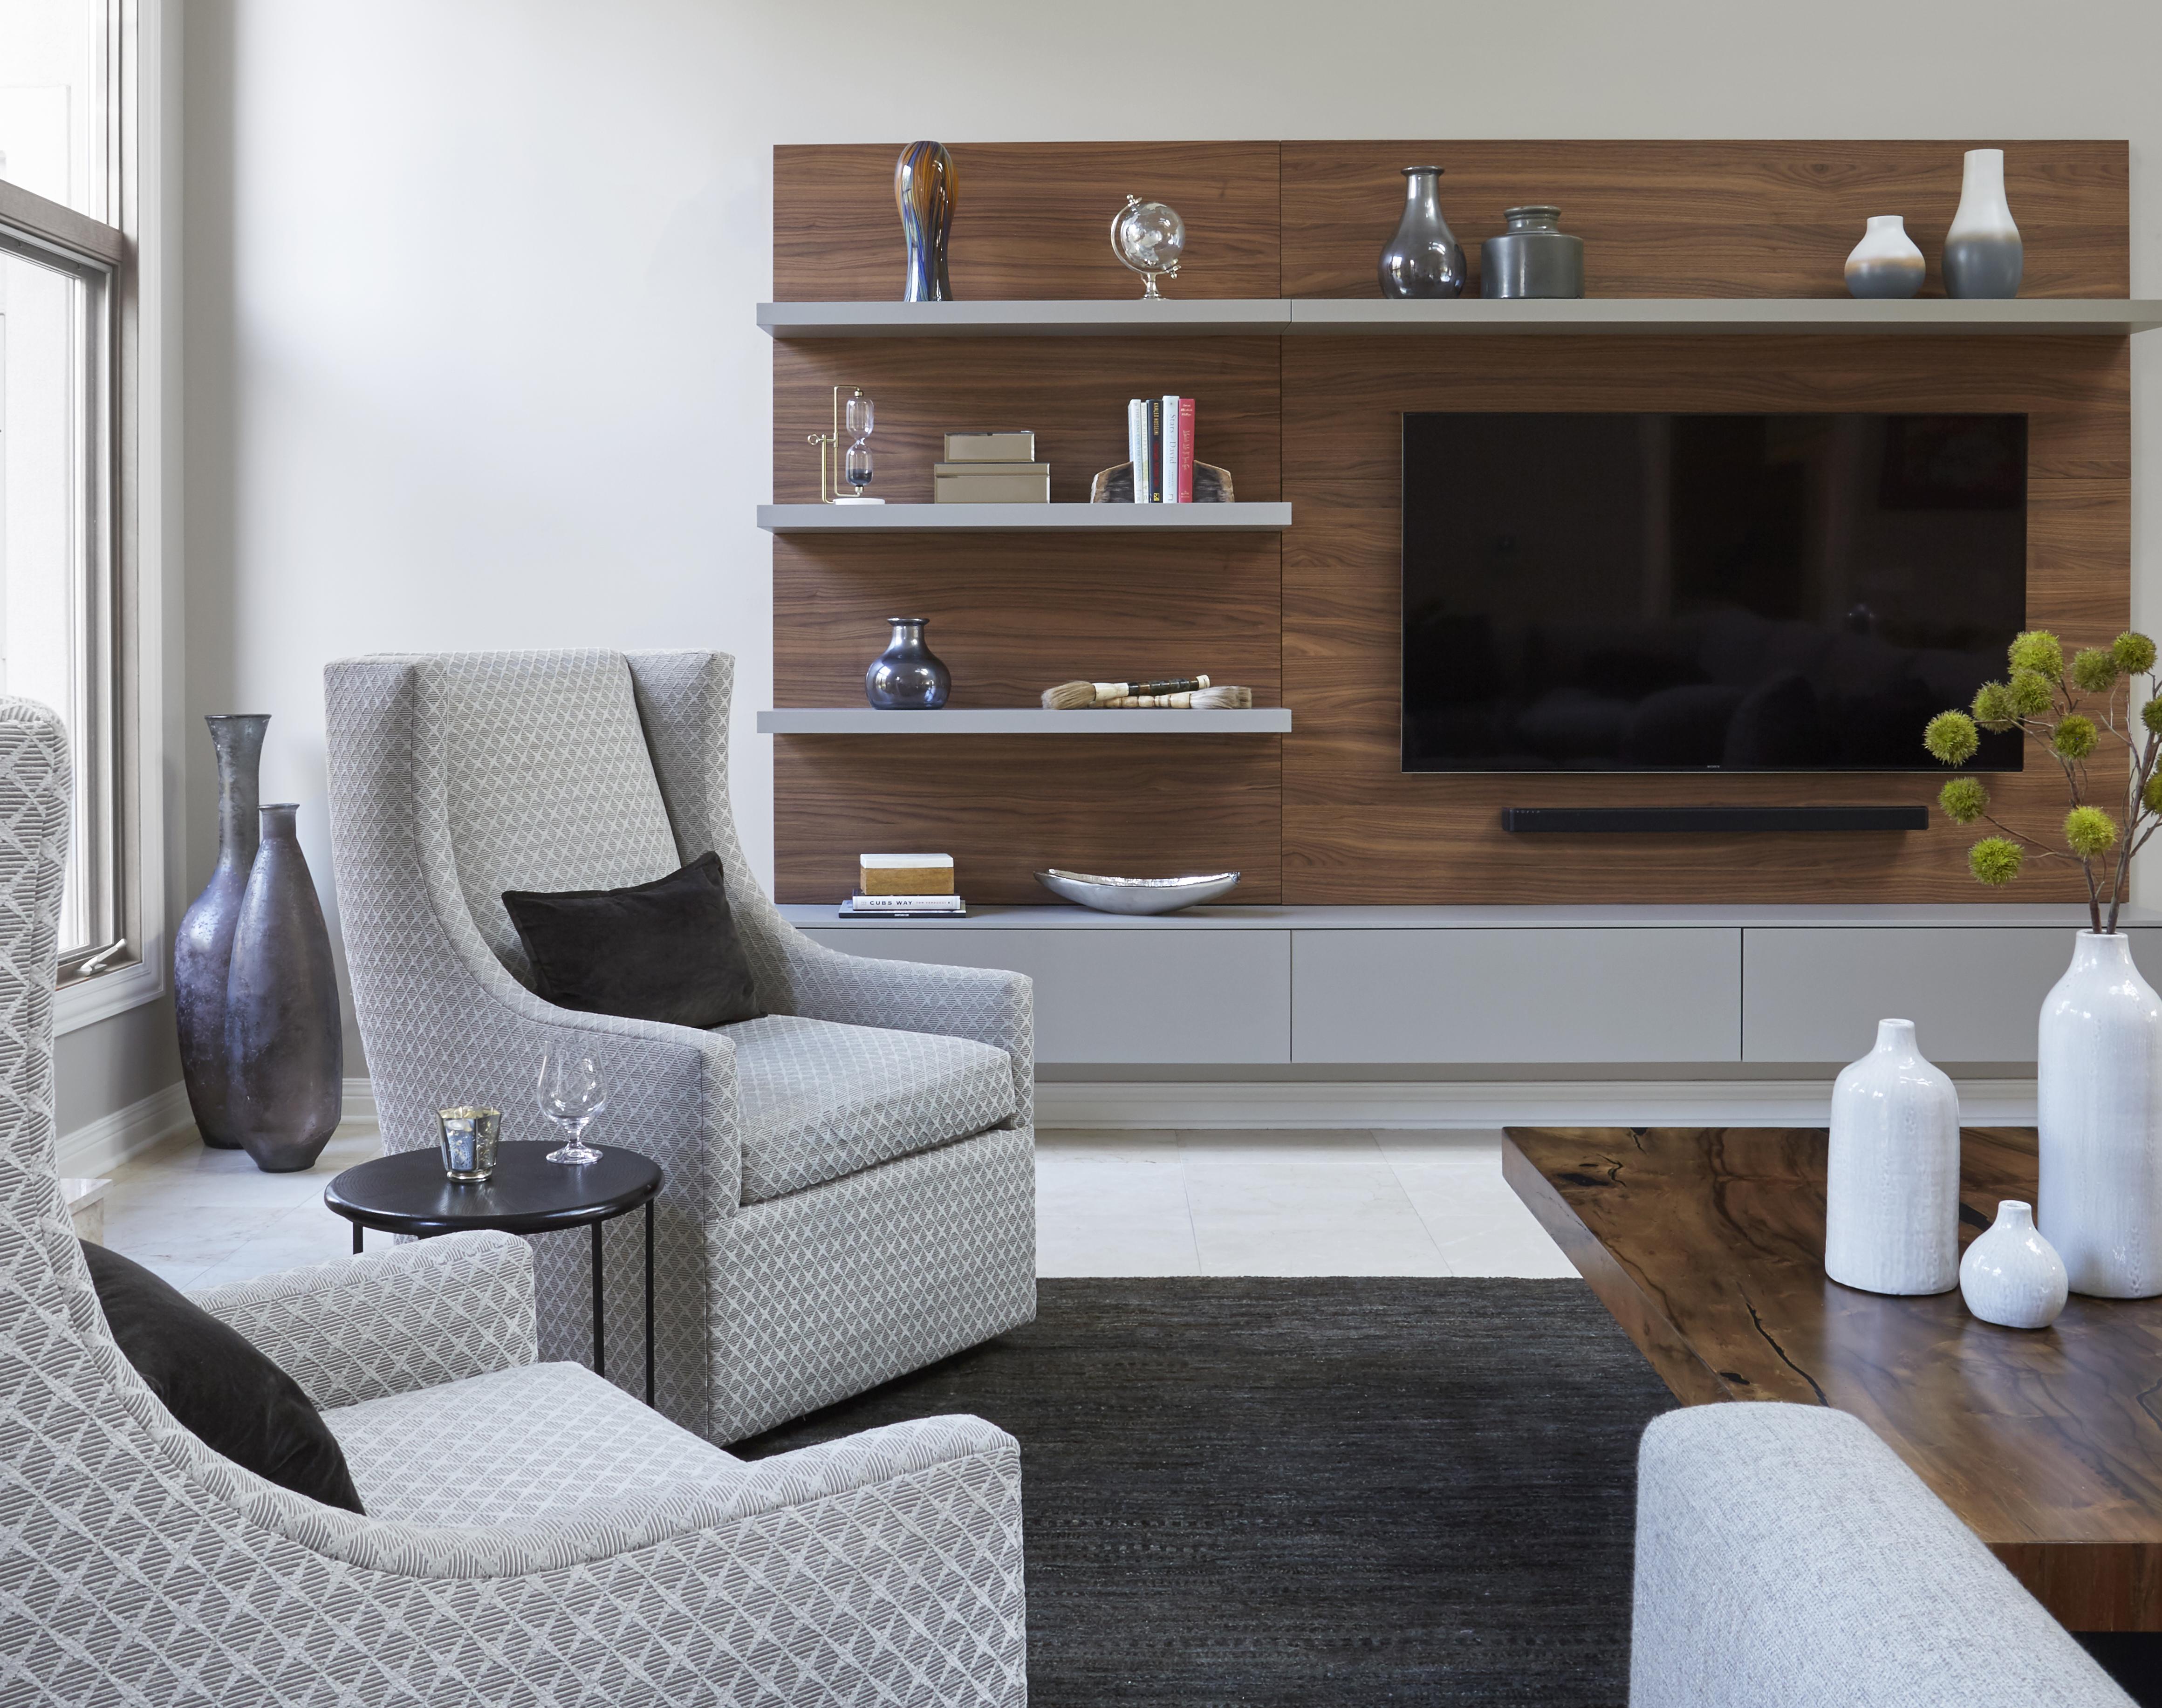 Residential Interior Design | Deerfield | A. Klein Interior Design LLC